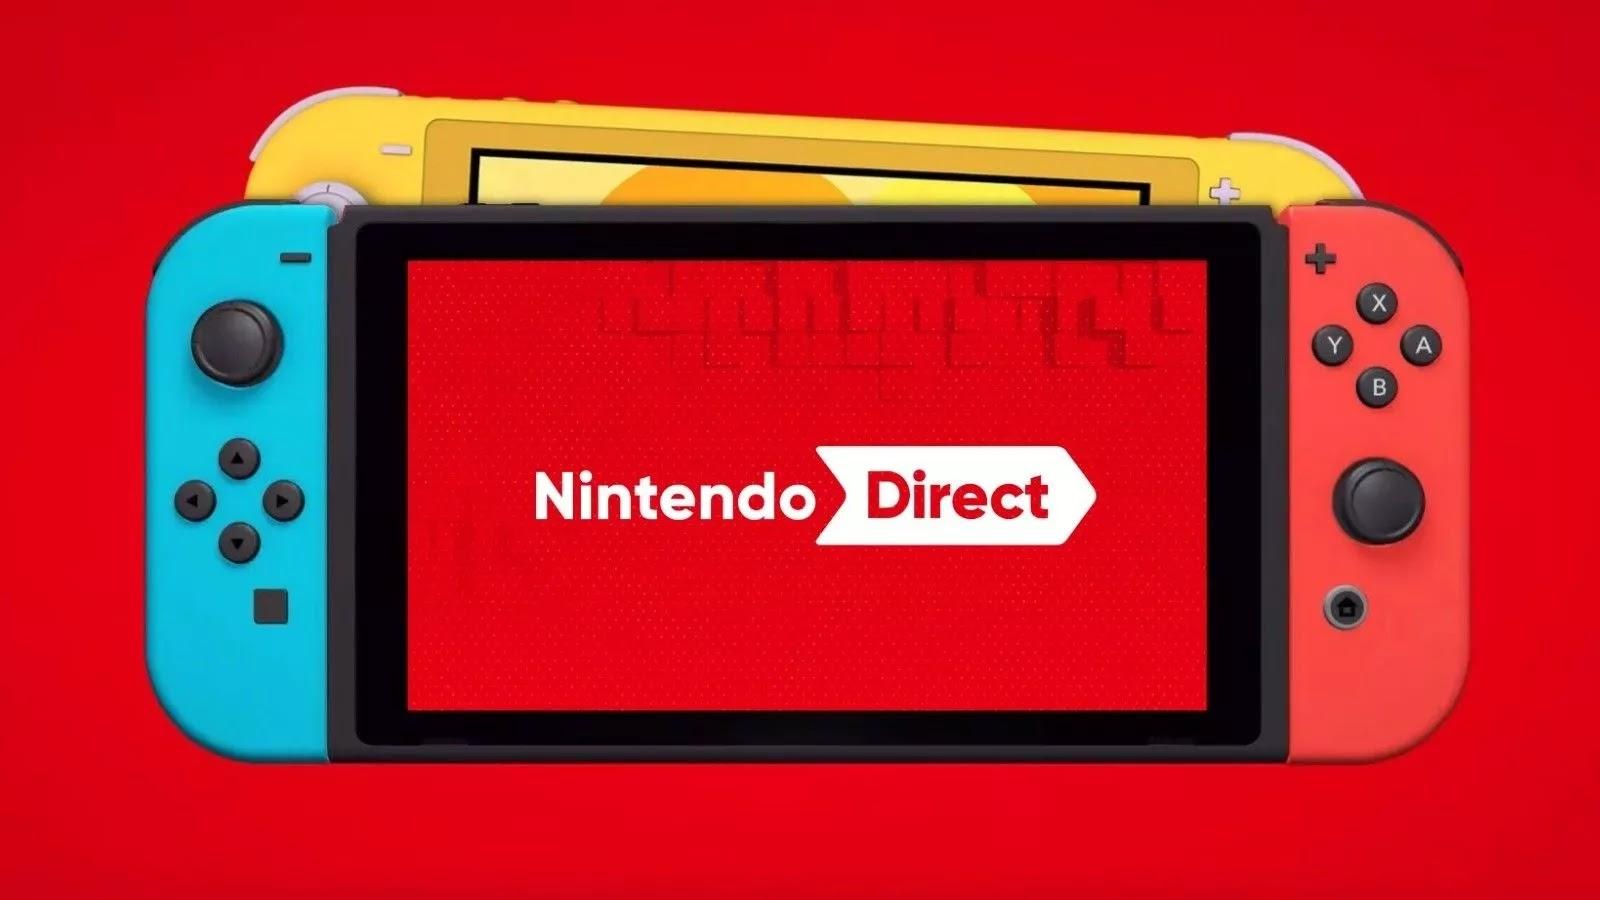 Nintendo Direct Gaming